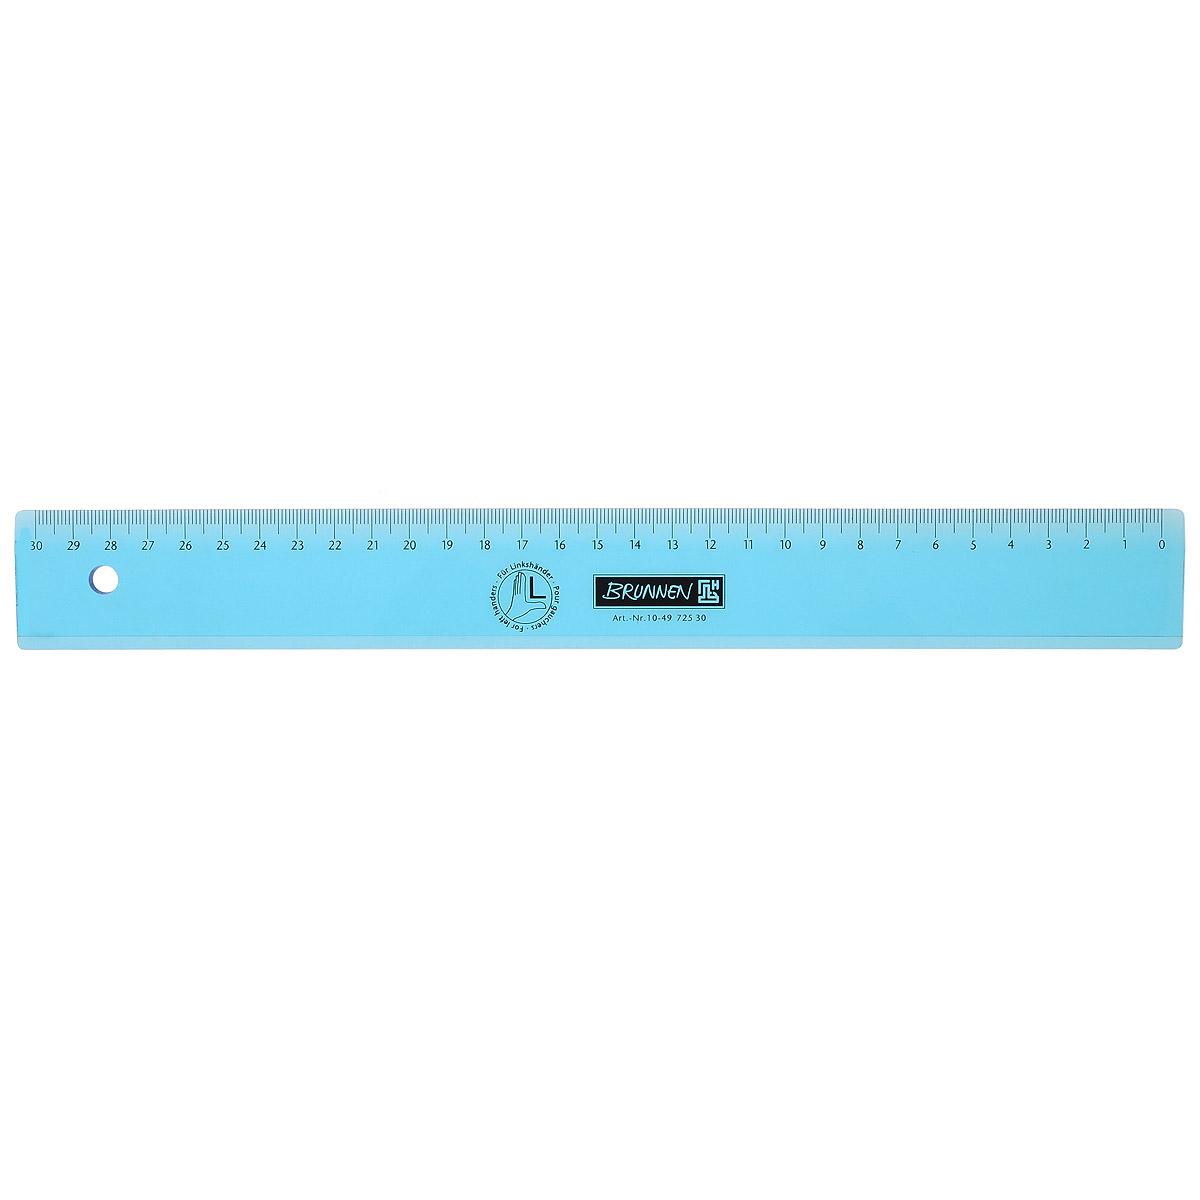 Линейка для левши Brunnen, цвет: голубой, 30 см55050Линейка Brunnen, длиной 30 см, выполнена из прозрачного пластика голубого цвета. Линейка предназначена специально для левшей. Шкала на линейке расположена справа налево. Линейка Brunnen - это незаменимый атрибут, необходимый школьнику или студенту, упрощающий измерение и обеспечивающий ровность проводимых линий.